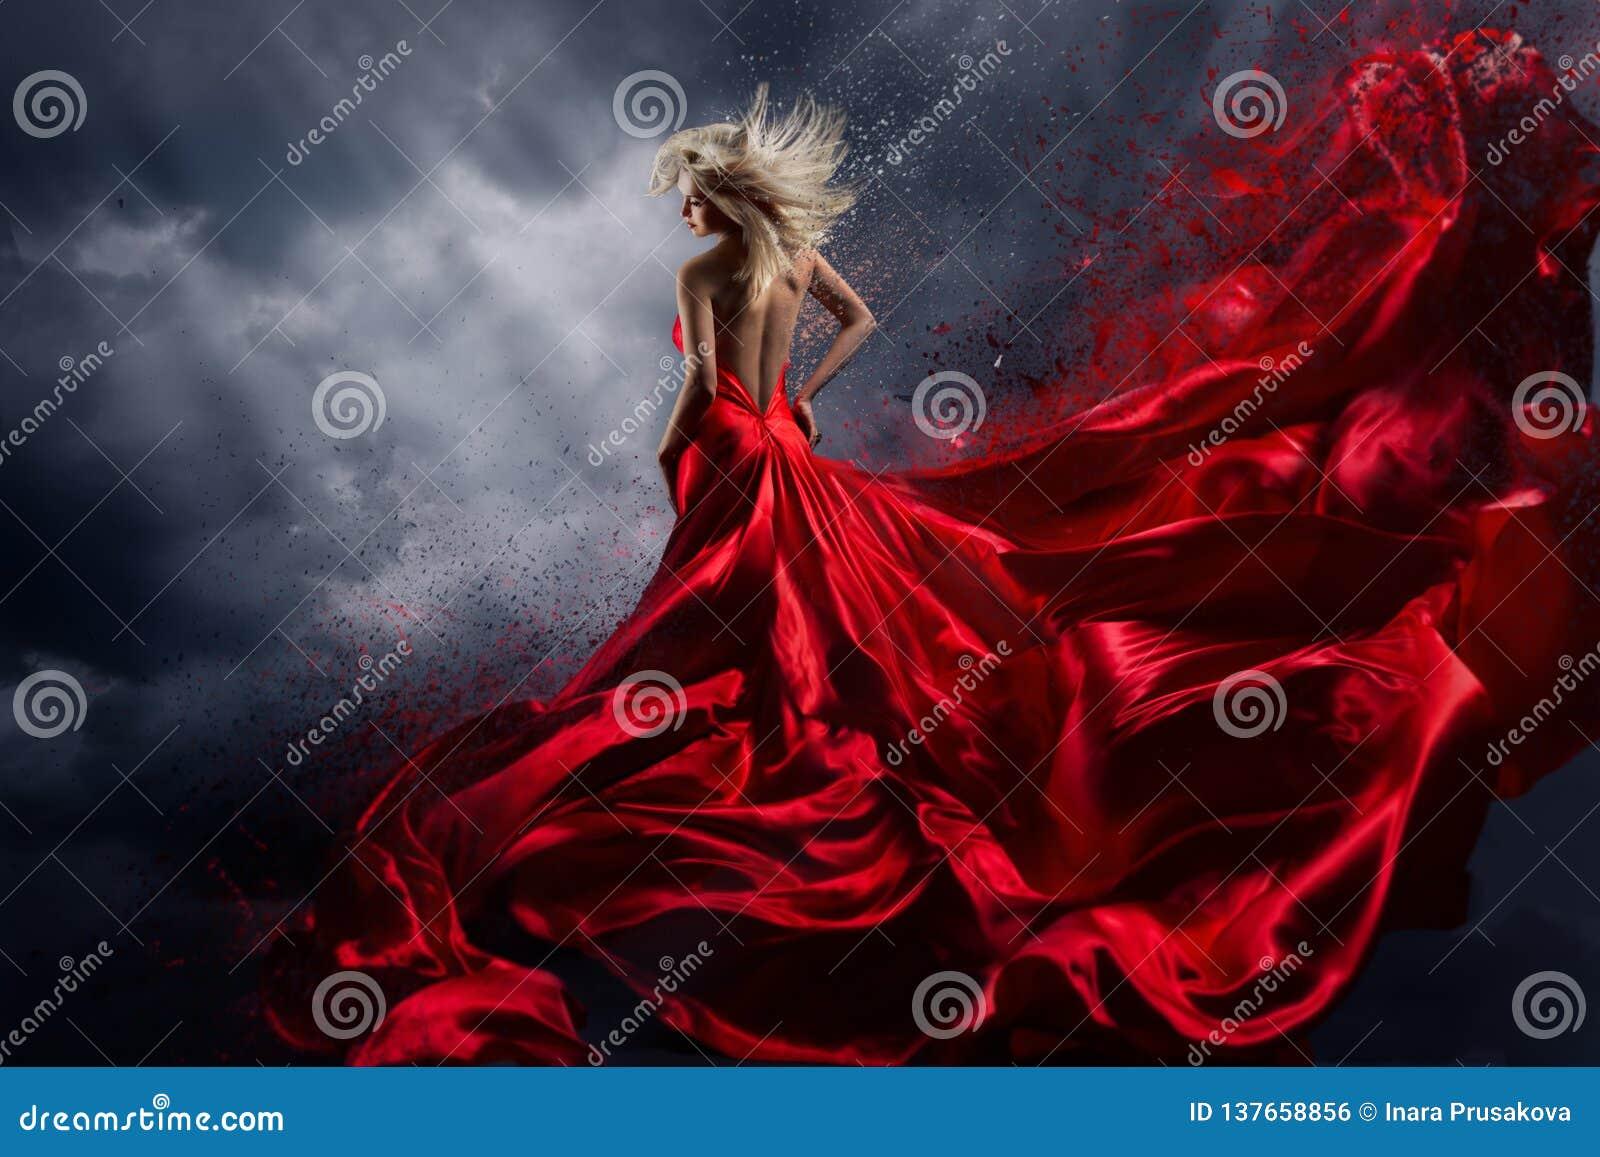 Frau im roten Kleidertanz über Sturm-Himmel, bekleiden flatterndes Gewebe